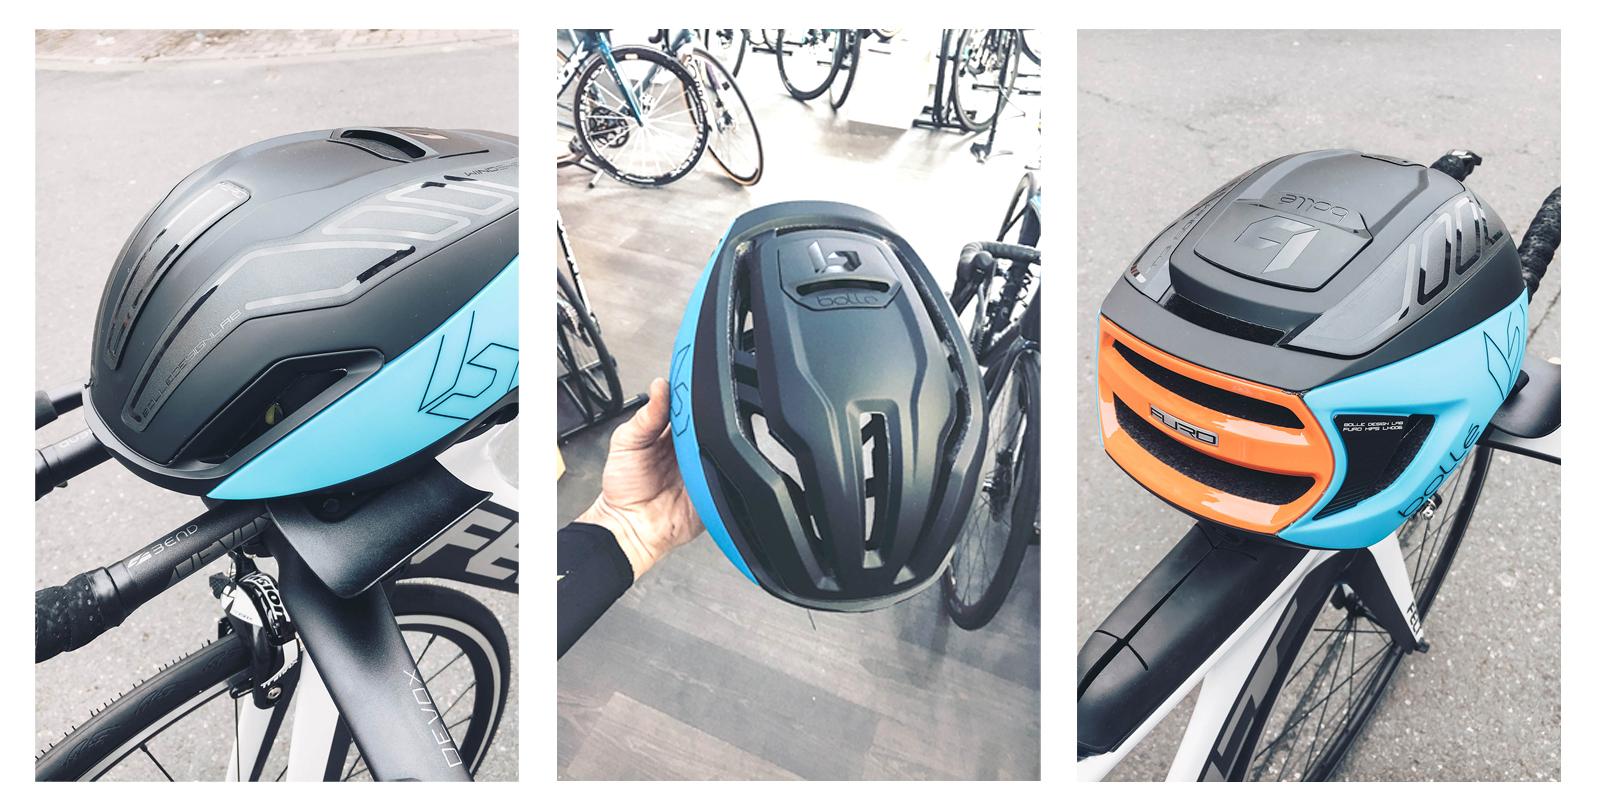 Egal, ob mit oder ohne Kunststoffteile – dieser Helm ist trotzallem aerodynamisch!